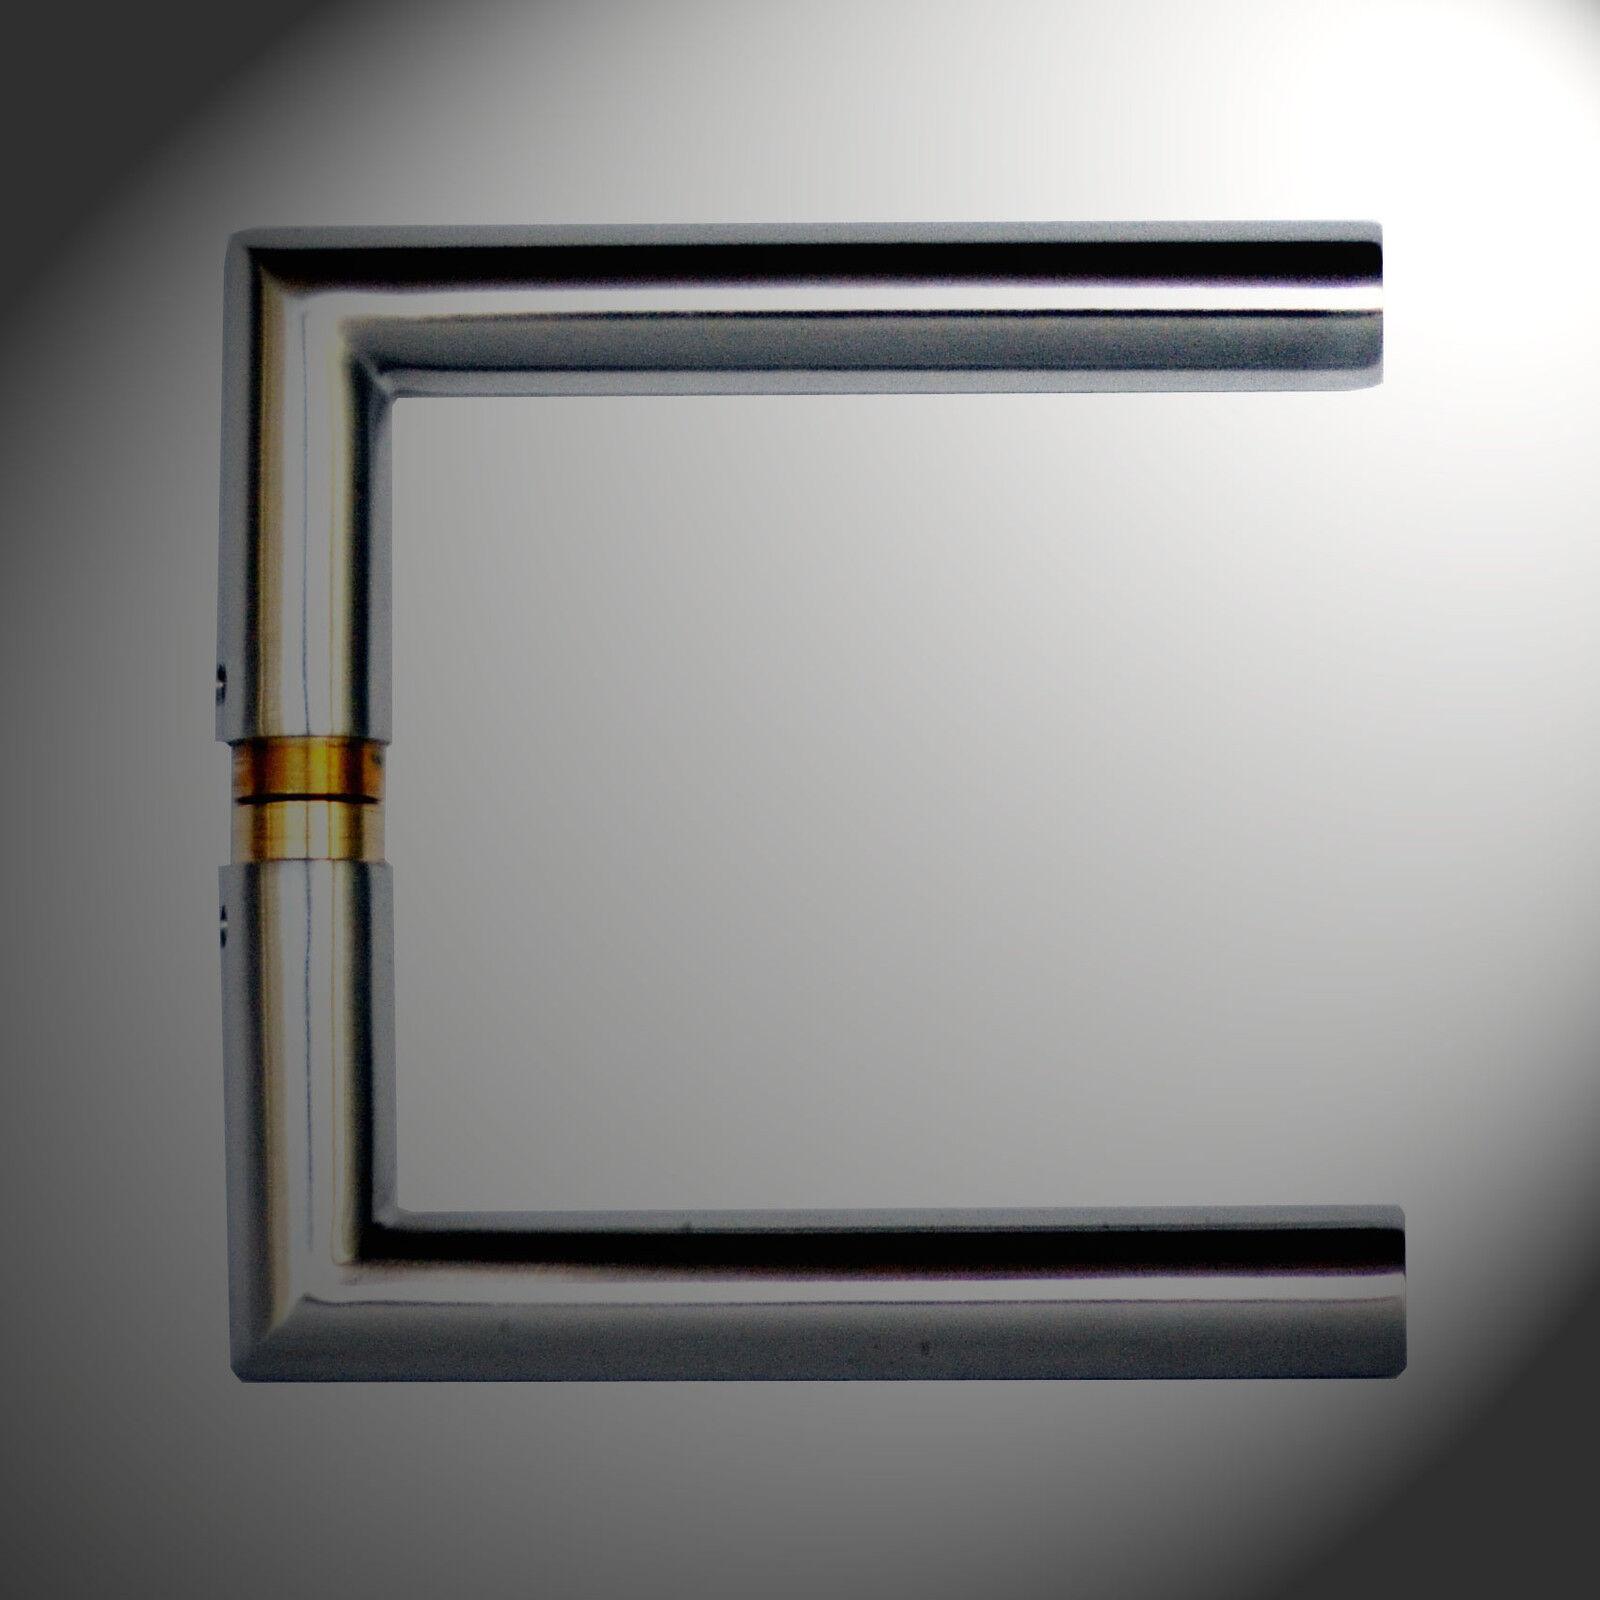 edelstahl glast r beschlag b nder schloss dr cker. Black Bedroom Furniture Sets. Home Design Ideas